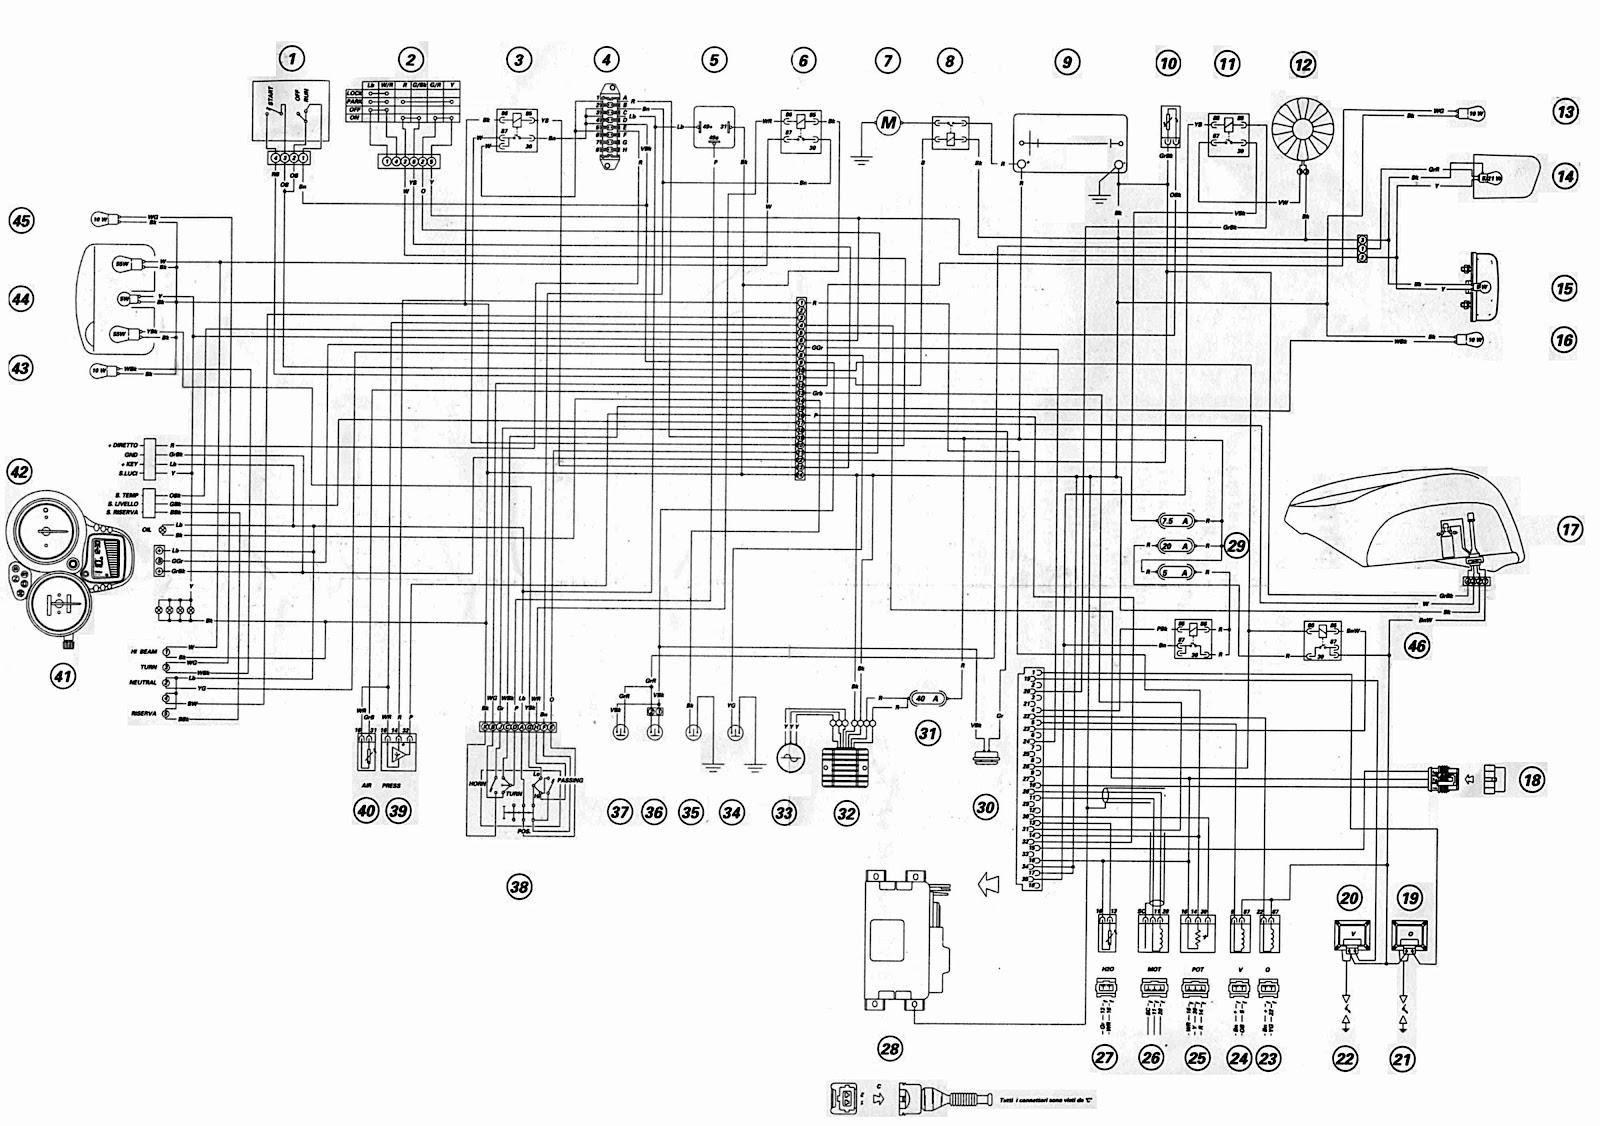 1998 Yamaha Blaster Wiring Diagram   Wiring Diagram Database